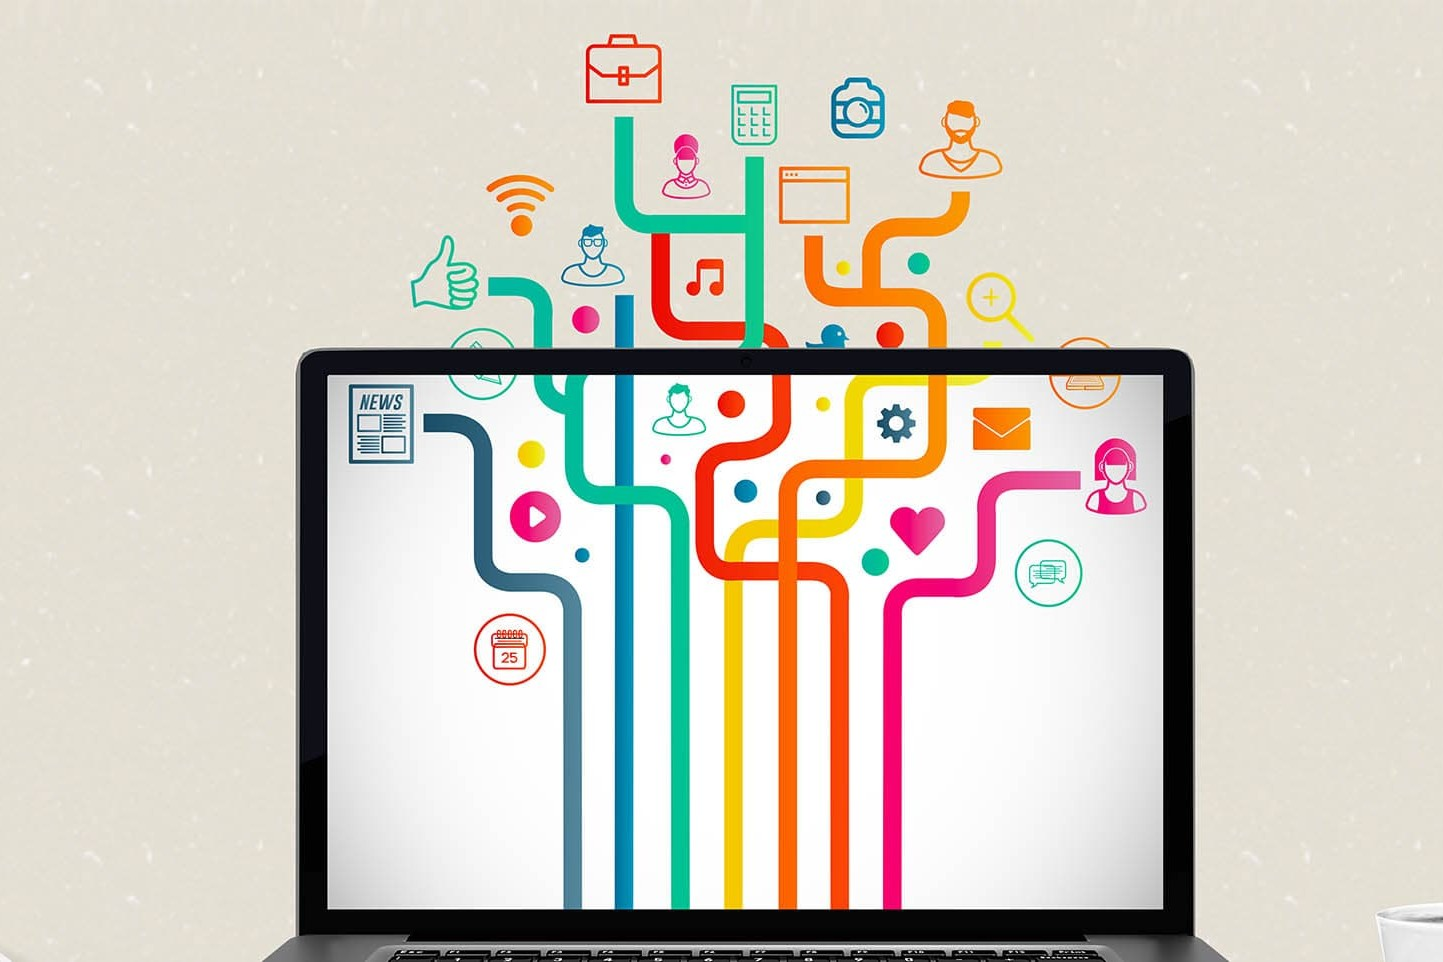 Avere un sito web multicanale è molto importante per portare traffico profilato